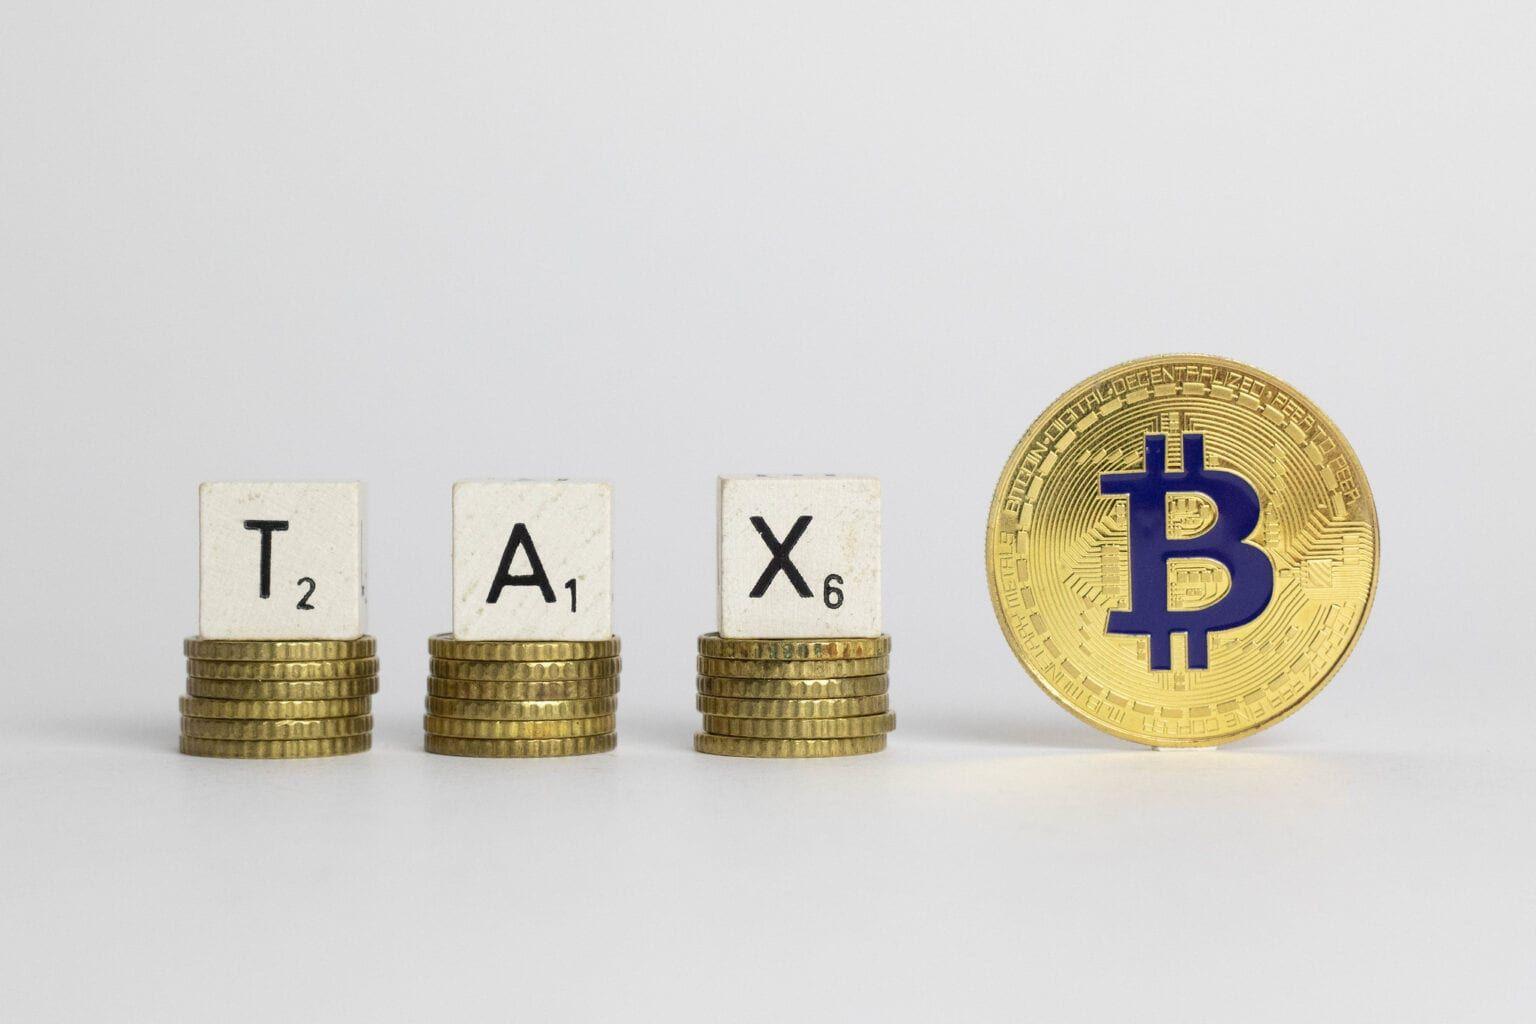 giá bitcoin: Đề xuất gây tranh cãi mới của Bitcoin Cash: Đánh thuế 12,5% lên thợ đào để tạo quỹ tài trợ phát triển mạng lưới